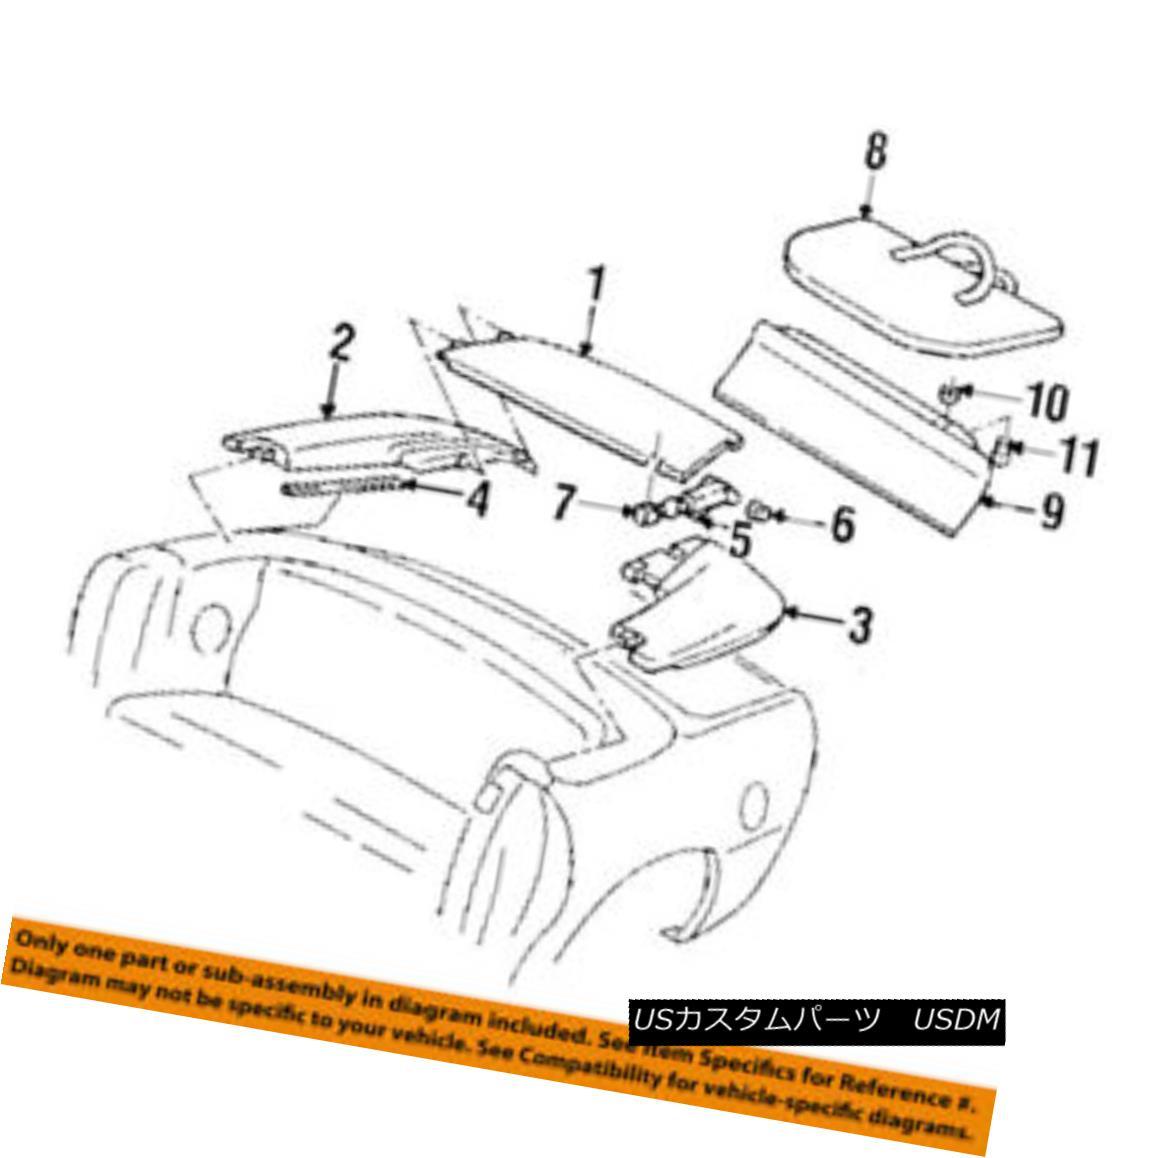 幌・ソフトトップ GM OEM Convertible/soft Top-Tonneau Cover Right 10294888 GMのOEMカブリオレ/ so ft Top-Tonneau Cover Right 10294888